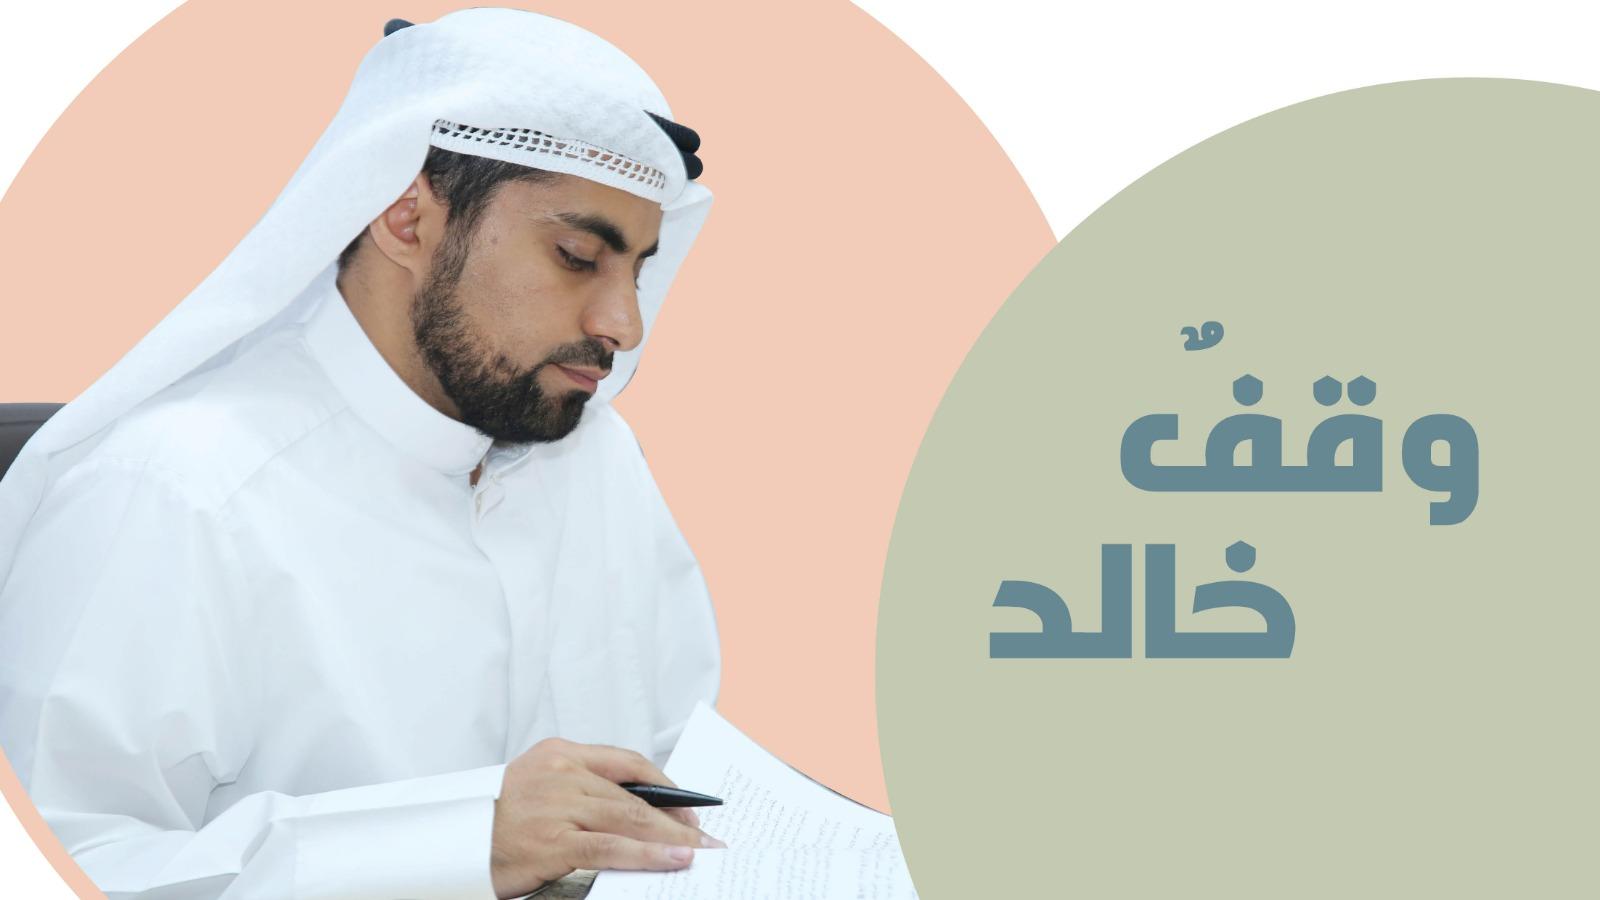 وقفٌ خالد - ضمن مشروع وقف الراسخون